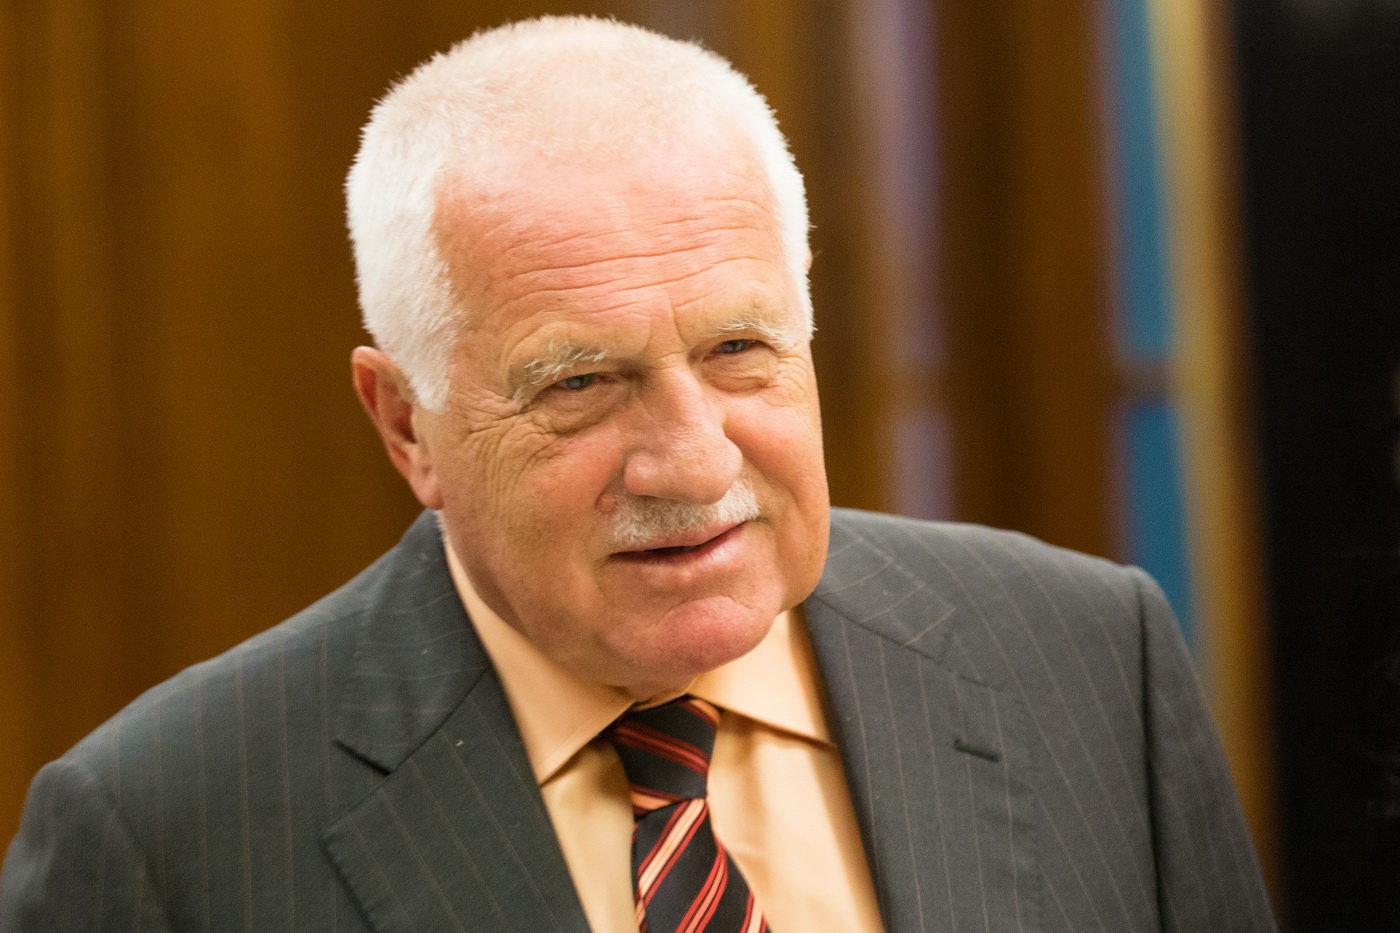 Bývalý prezident Václav Klaus dnes krátce přes 11:00 odjel z Ústřední vojenské nemocnice v Praze, kde byl od úterý kvůli potížím s vysokým tlakem. Čekajícím novinářům řekl, že se cítí dobře a totéž popřál i svému nástupci Miloši Zemanovi, který ve stejné nemocnici zůstává.